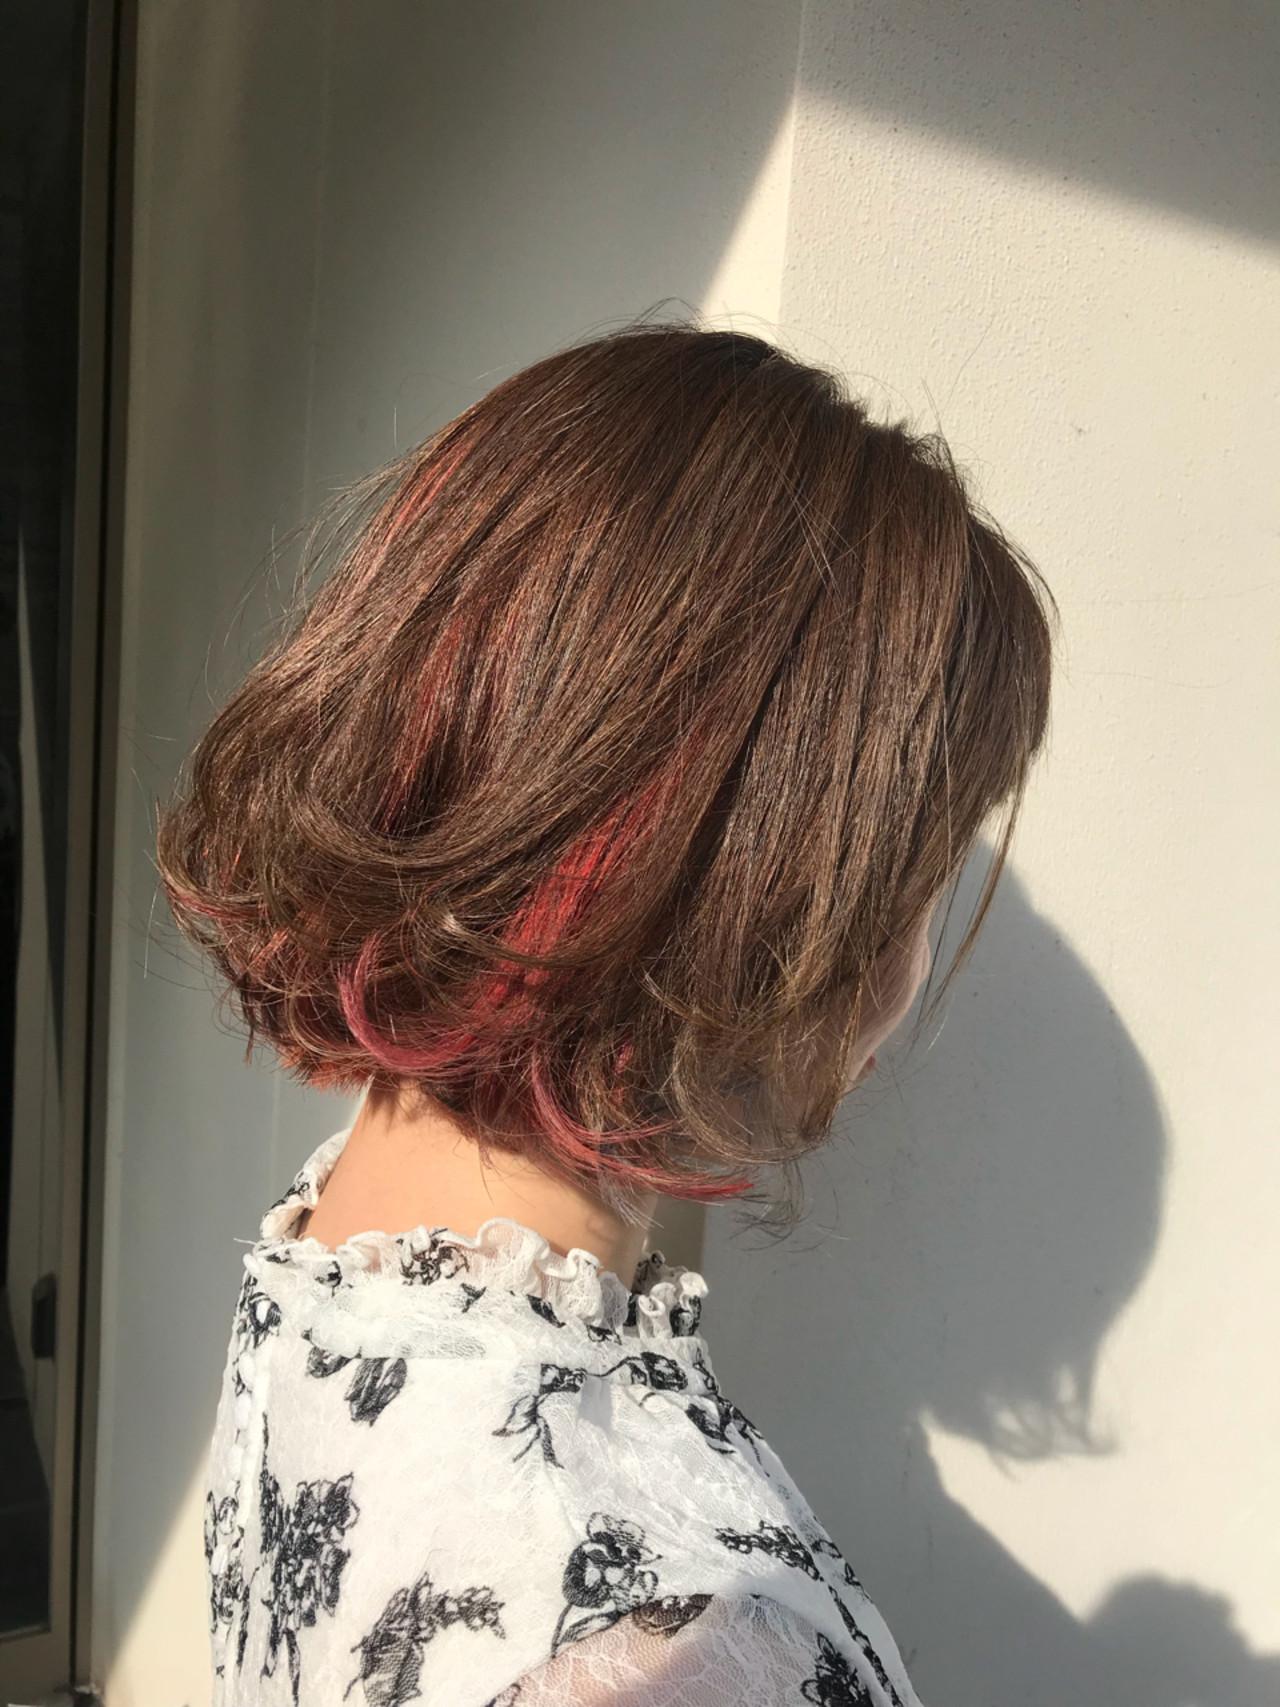 ピンク モード ハイライト ボブ ヘアスタイルや髪型の写真・画像 | hair salon ing 一柳 紀子 / hair salon ing (ヘア サロン イング)